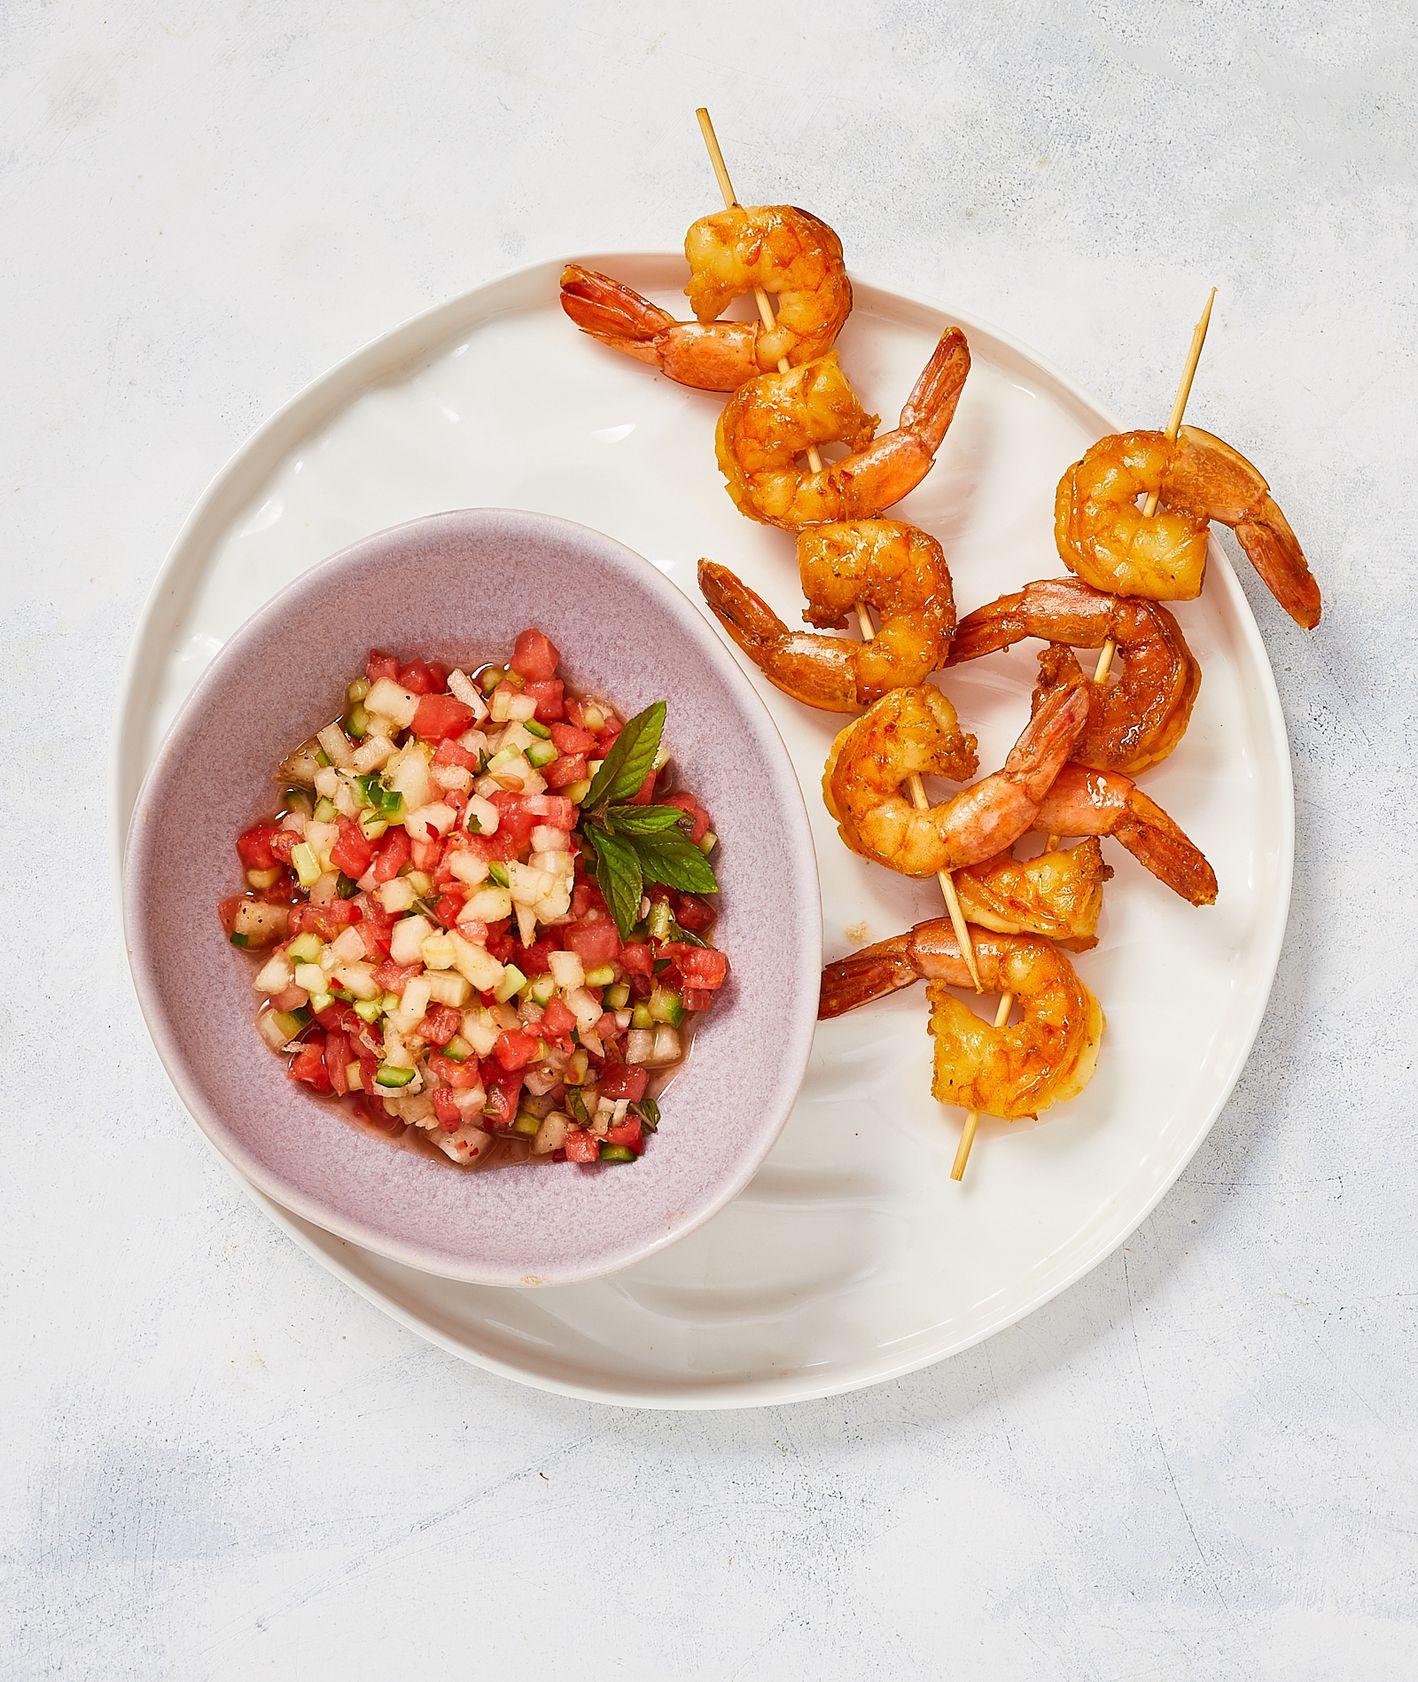 Krewetki w chili na owocowej salsie (fot. Maciej Niemojewski)